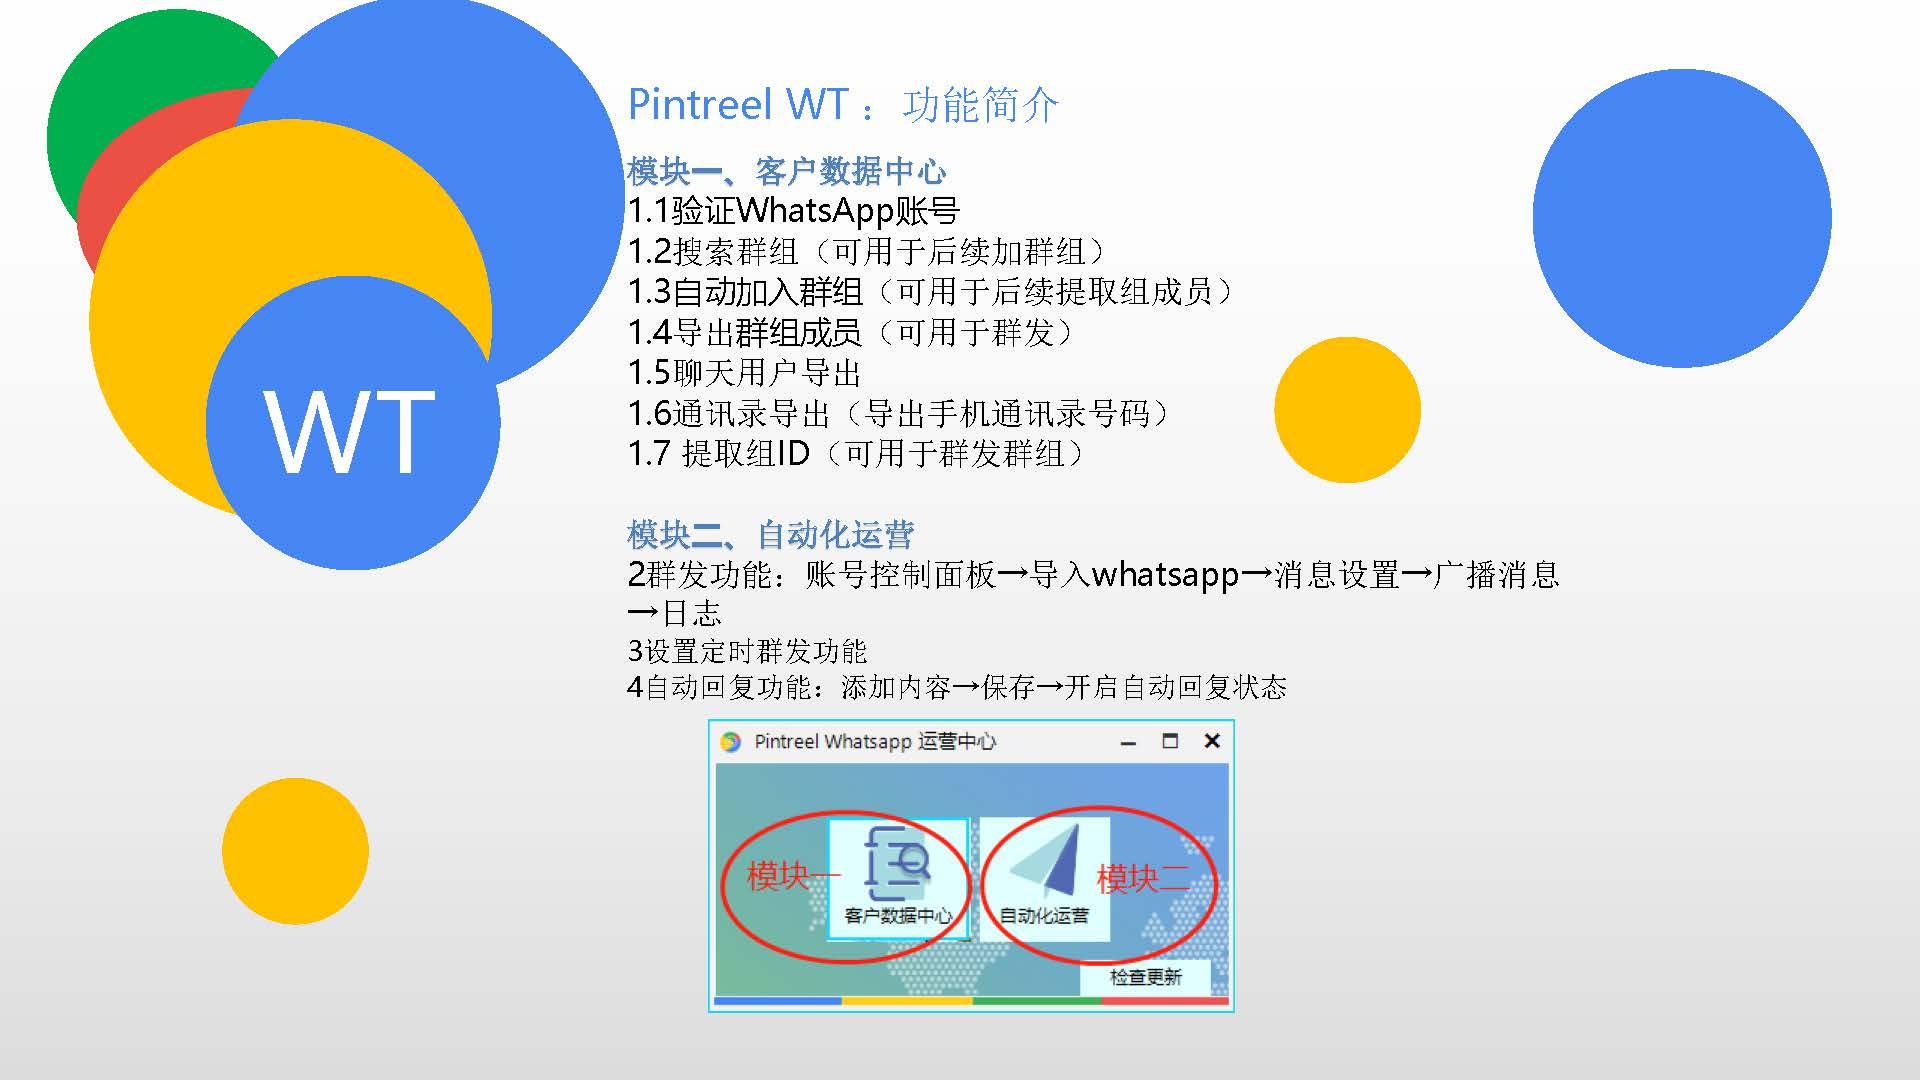 Pintreel WT 使用教程4.0_页面_02